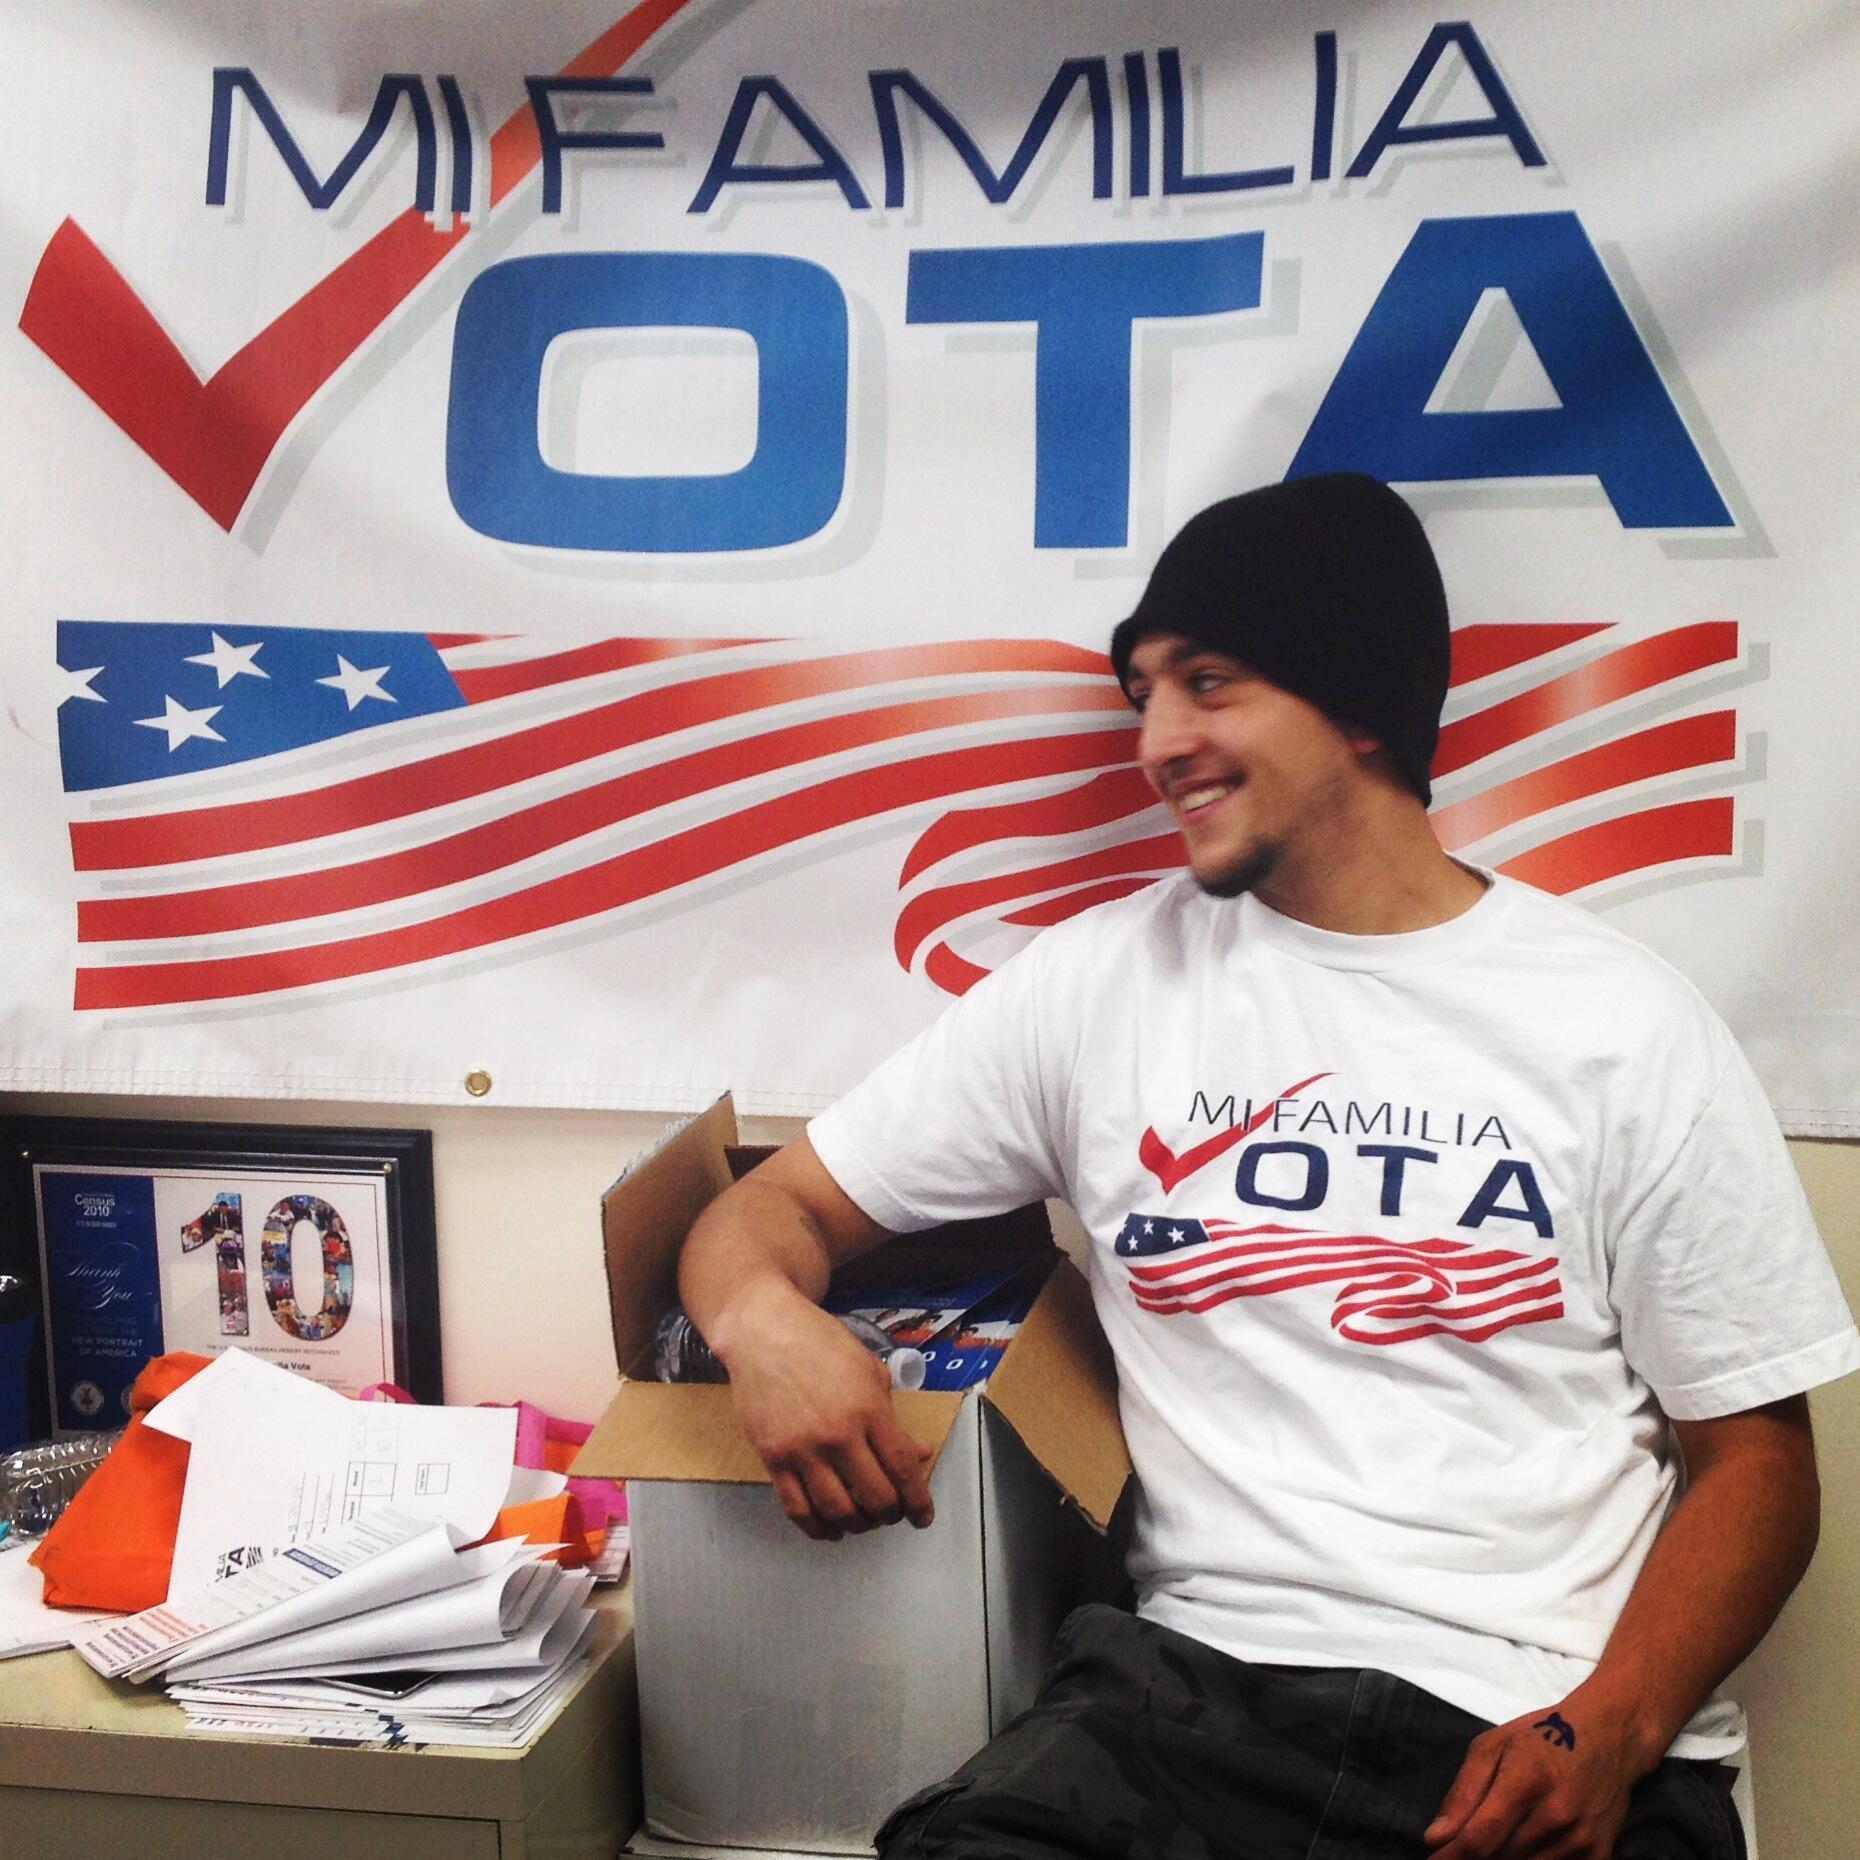 Benévolo de 'Mi Familia Vota', una asociación que tiene como objetivo traer más votantes latinos a las urnas.